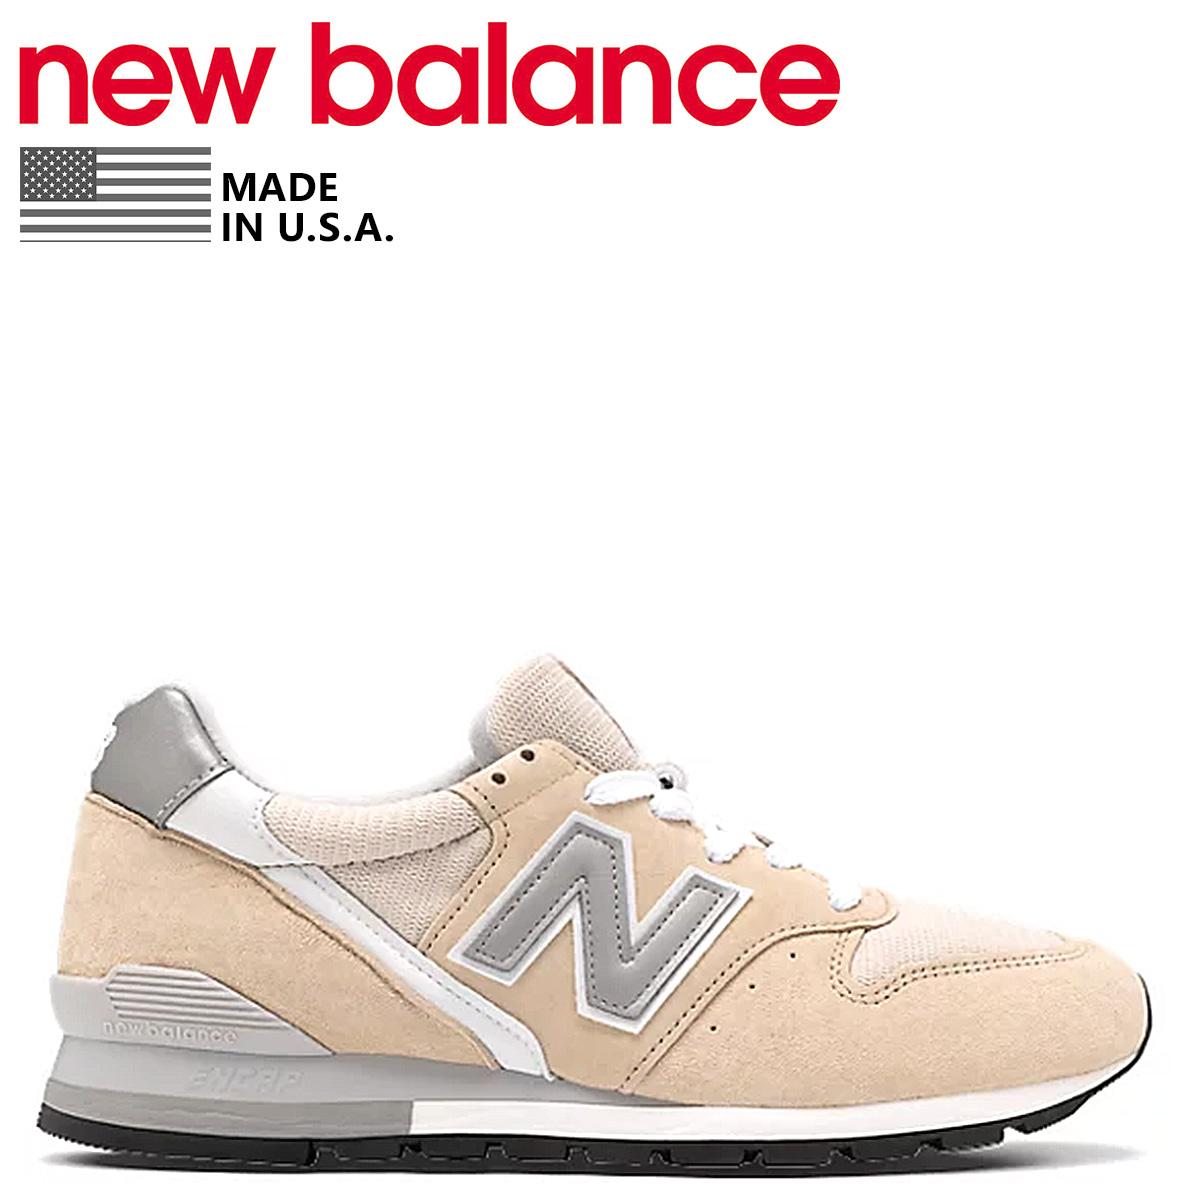 new balance ニューバランス 996 スニーカー メンズ Dワイズ MADE IN USA ベージュ M996CRC [予約 5月中旬 新入荷予定]